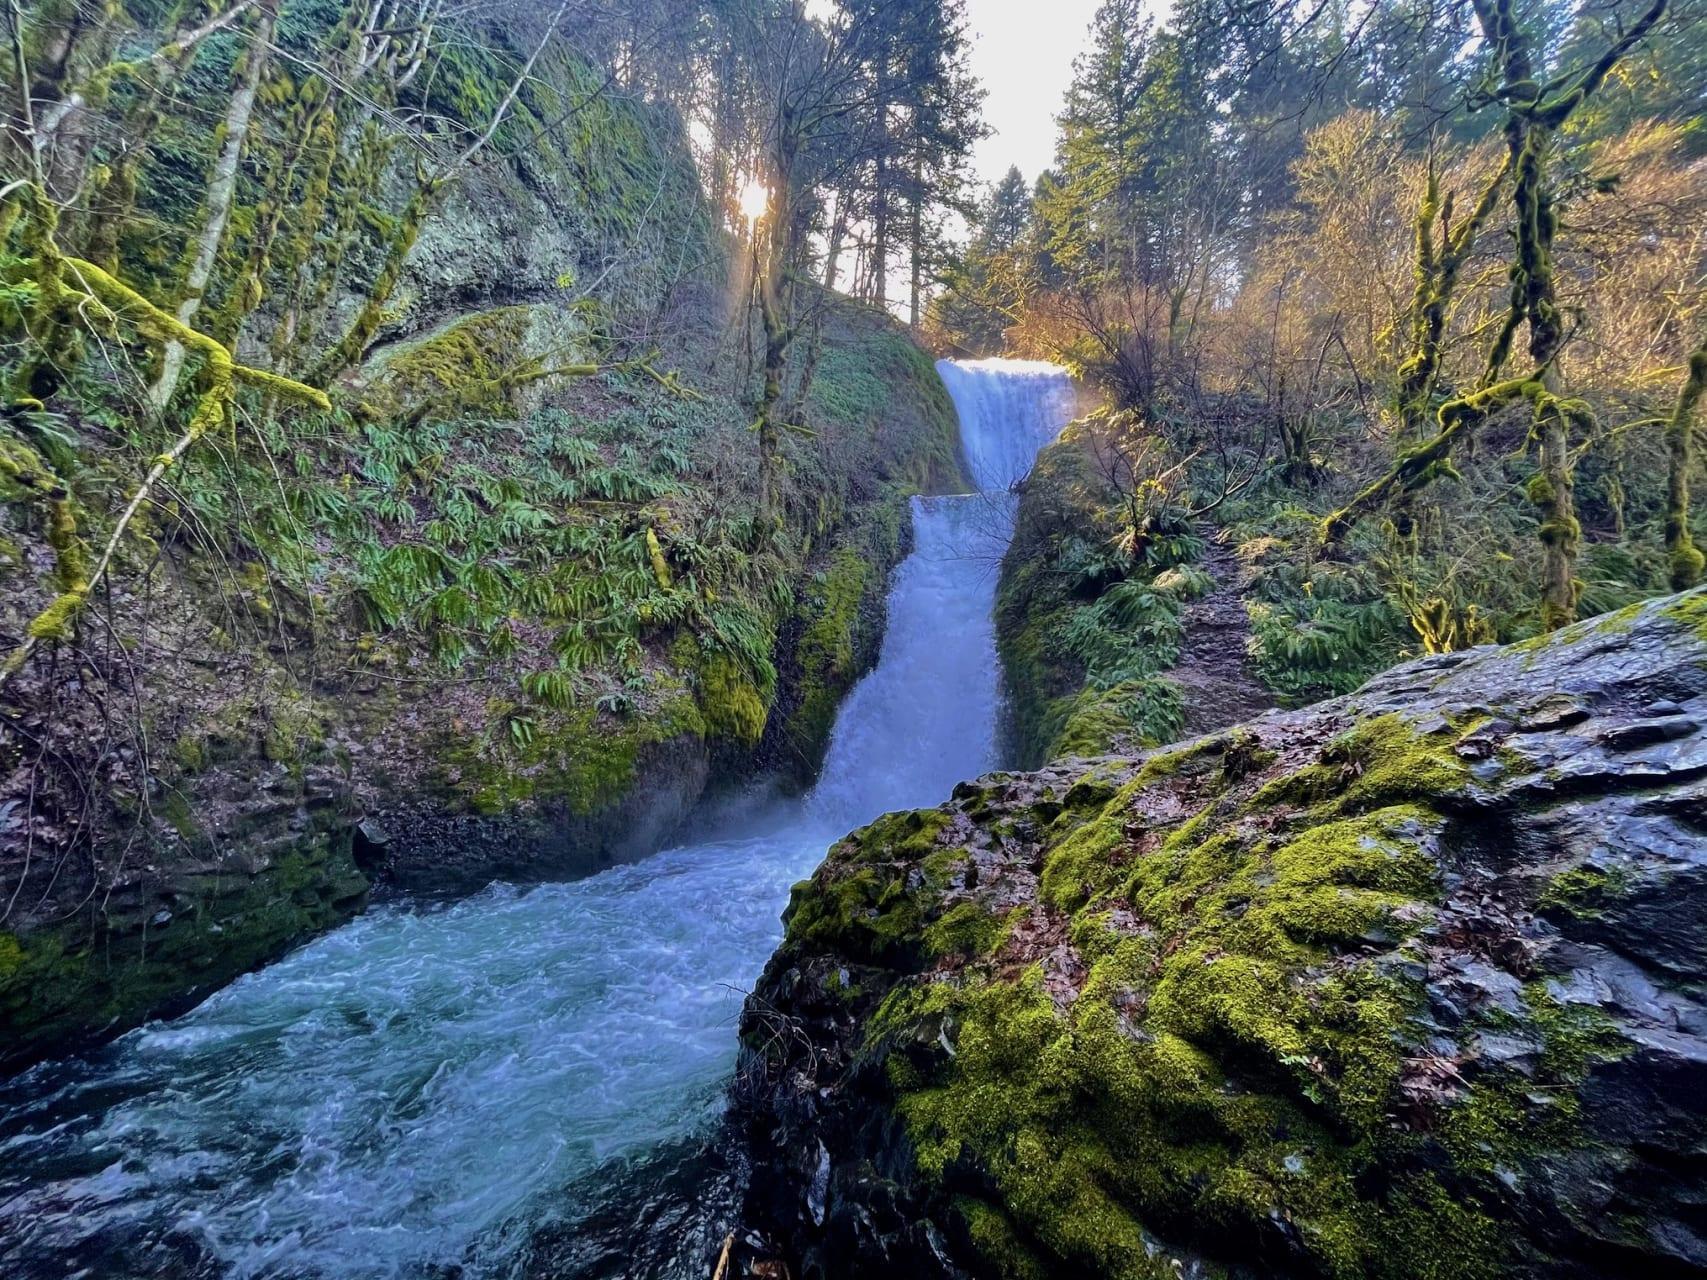 Oregon - Bridal Veil Falls along the Columbia River in Oregon